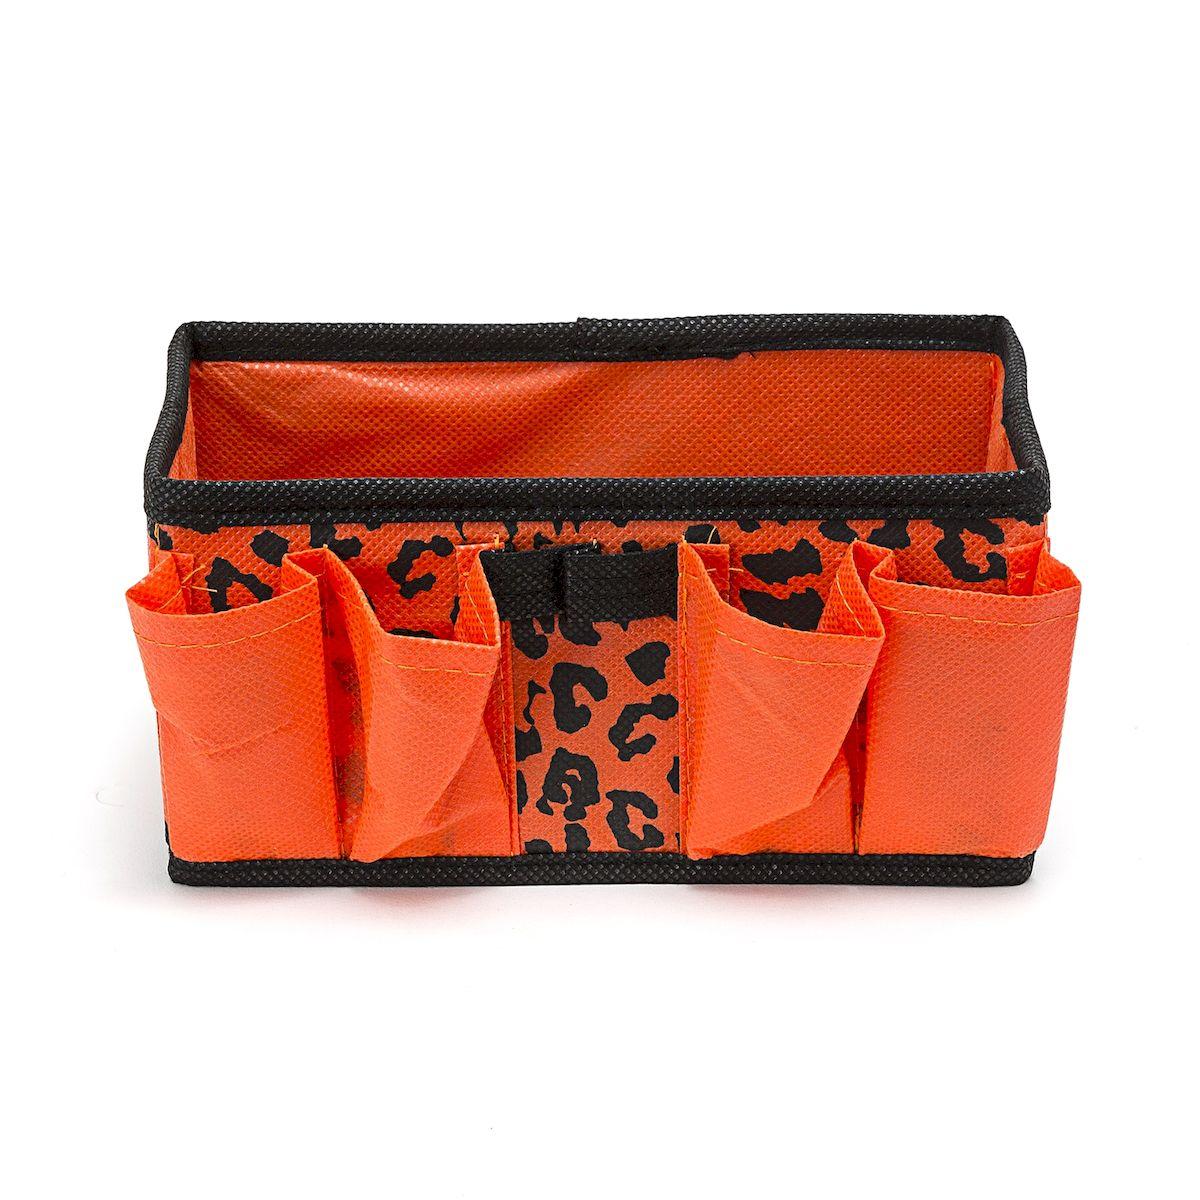 Органайзер для хранения косметики и мелочей Leopard, 20 x 10 x 10 смHOM-423Органайзер Homsu Leopard выполнена из полиэстера и предназначена для хранения вещей. Изделие защитит вещи от повреждений, пыли, влаги и загрязнений во время хранения и транспортировки. Органайзер идеально подходит для хранения детских вещей и игрушек. Жесткий каркас из плотного толстого картона обеспечивает устойчивость конструкции. Размер: 20 х 10 х 10 см.